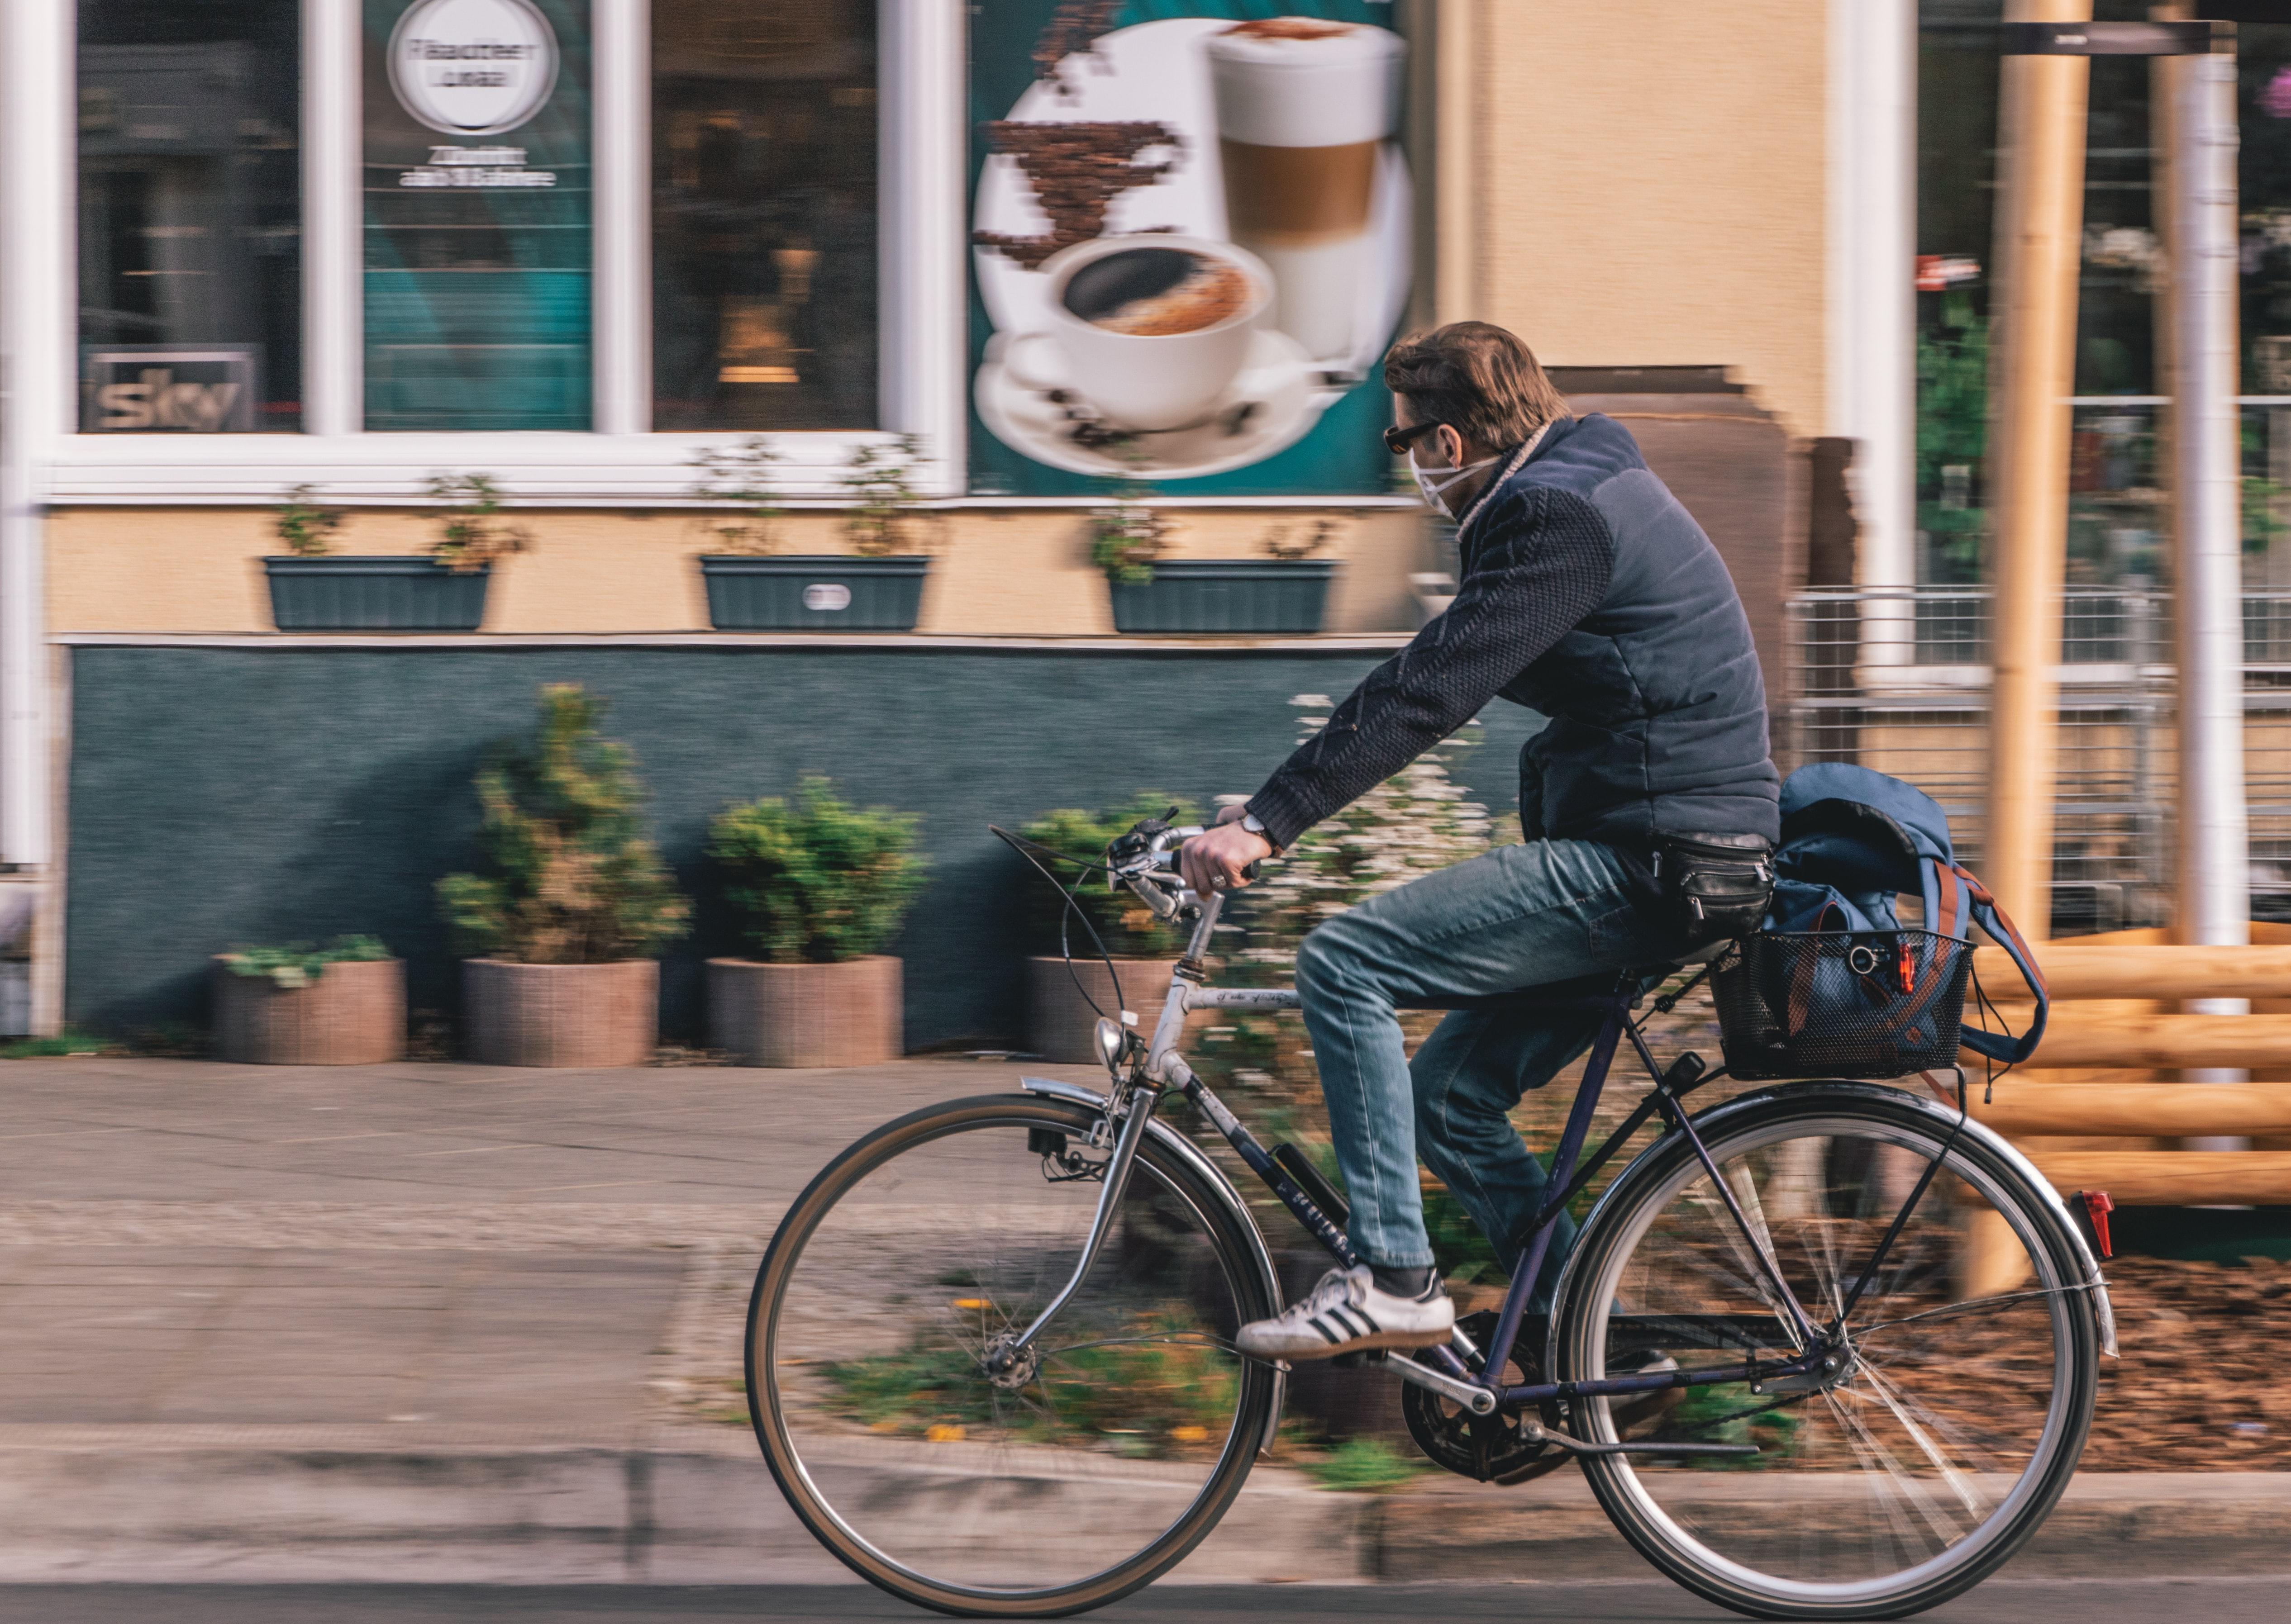 berlin_bike.jpg